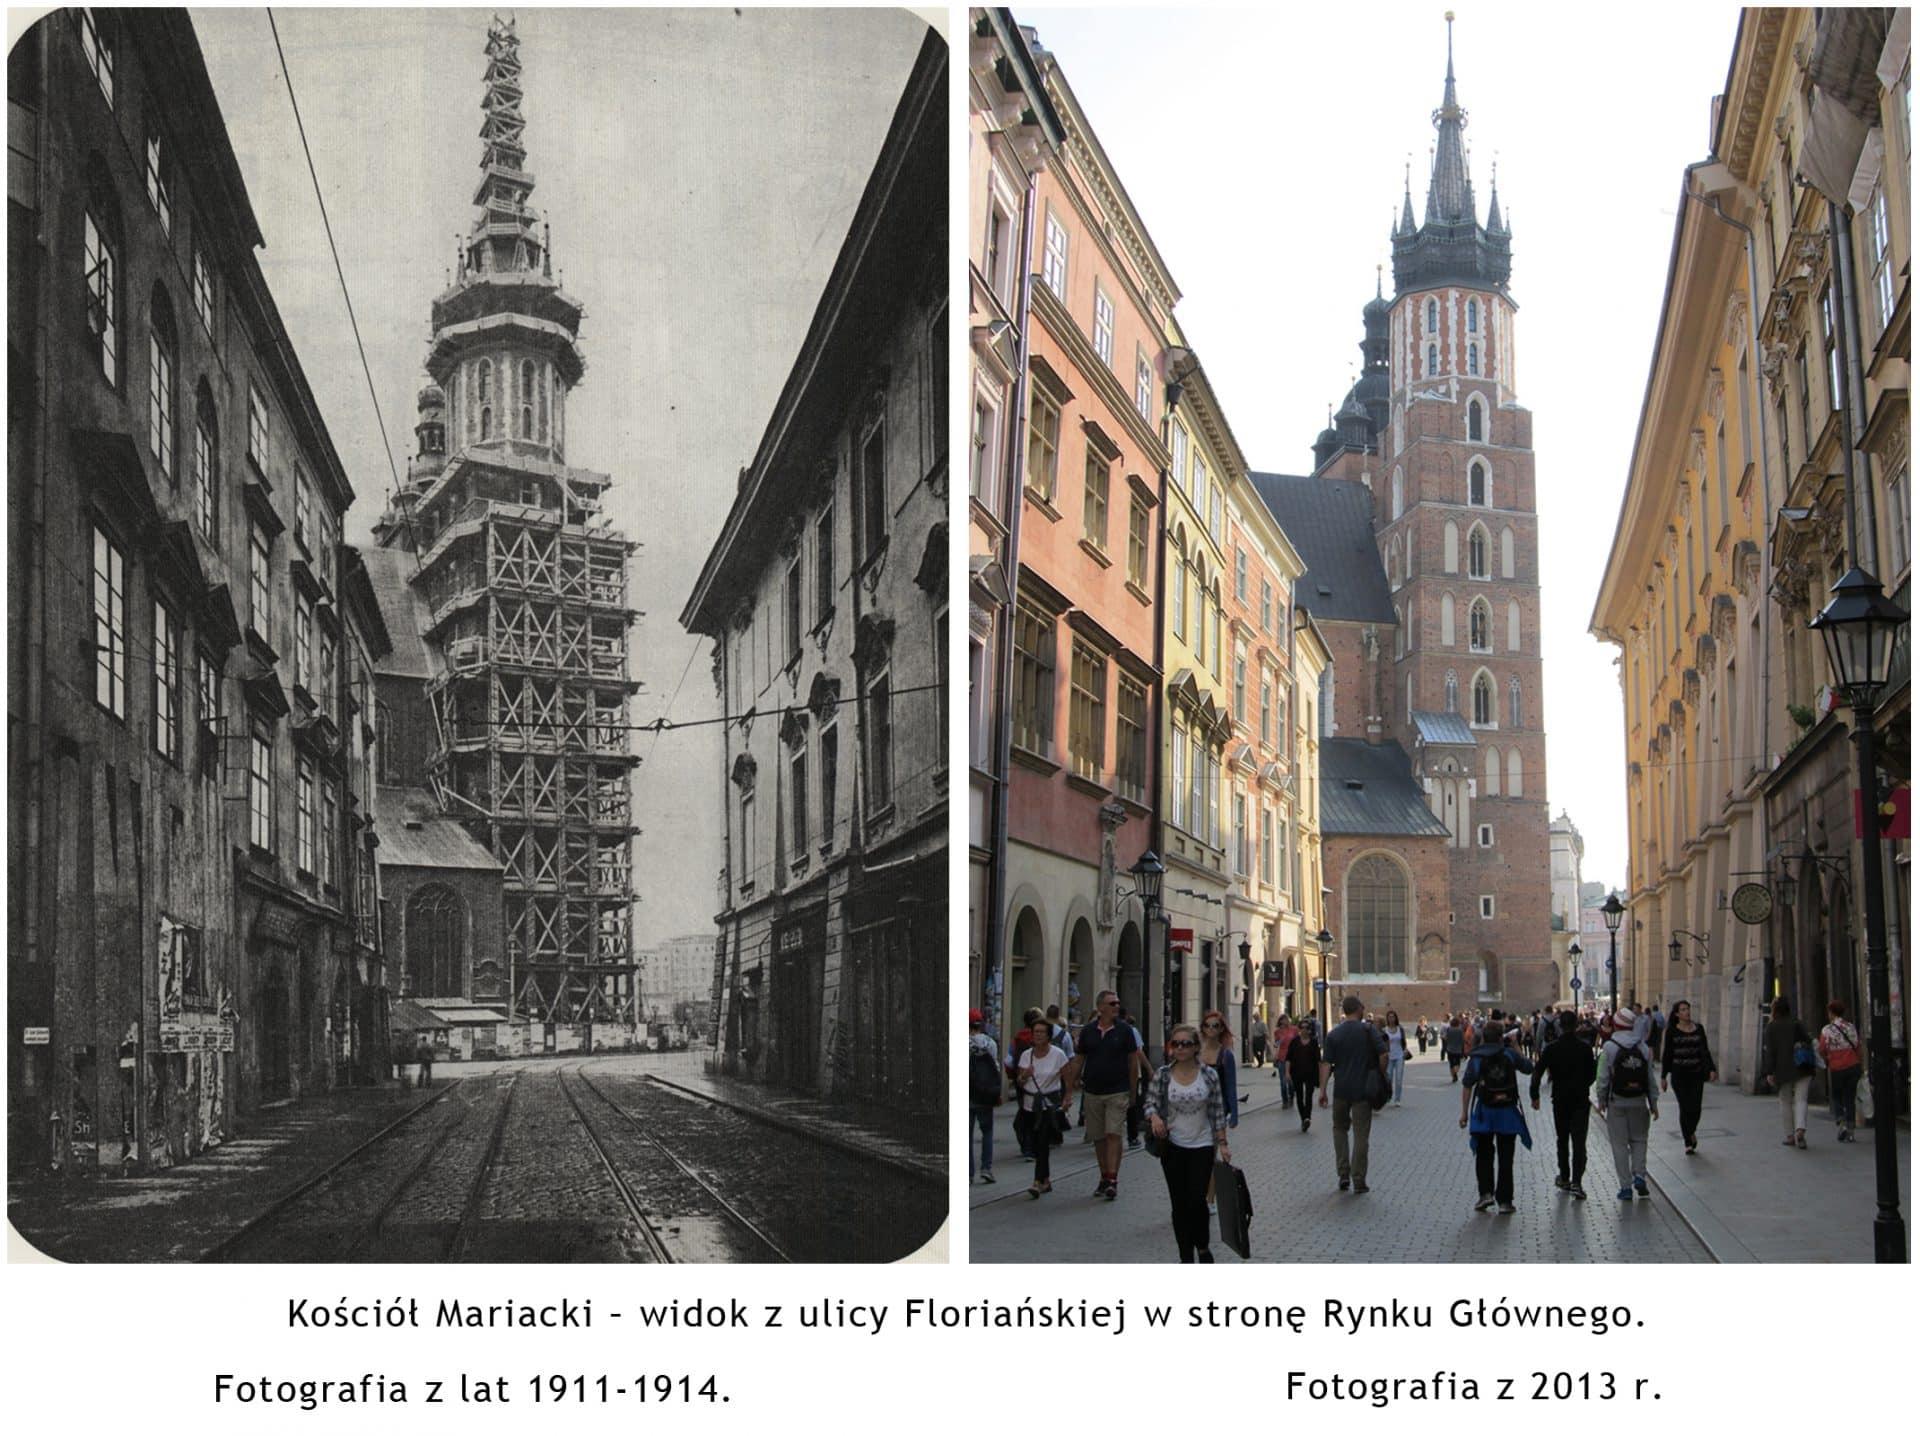 """Kościół Mariacki w Krakowie. Źródło: Źródło: """"Wystawa fotografii dawny i współczesny Kraków""""."""